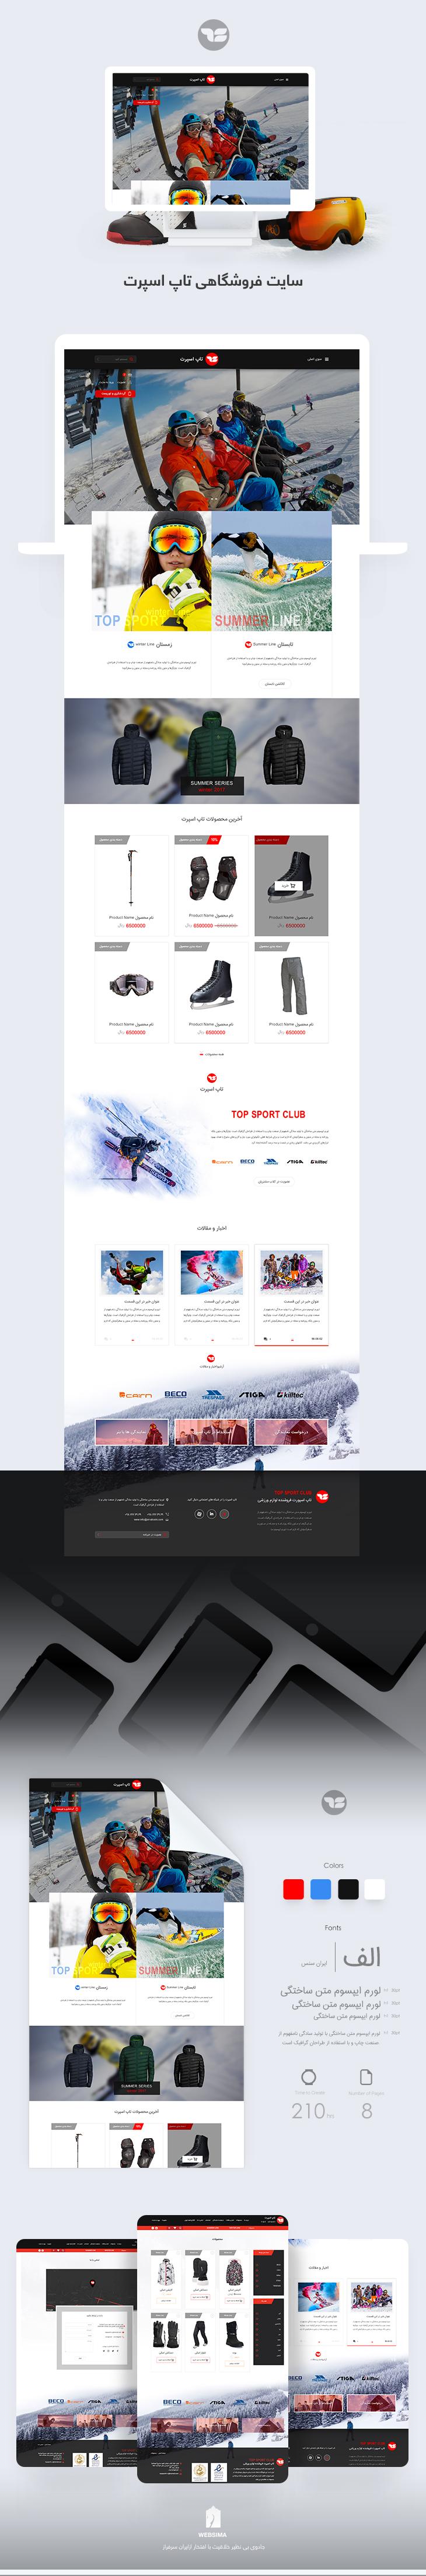 طراحی سایت فروشگاه اینترنتی لوازم ورزشی